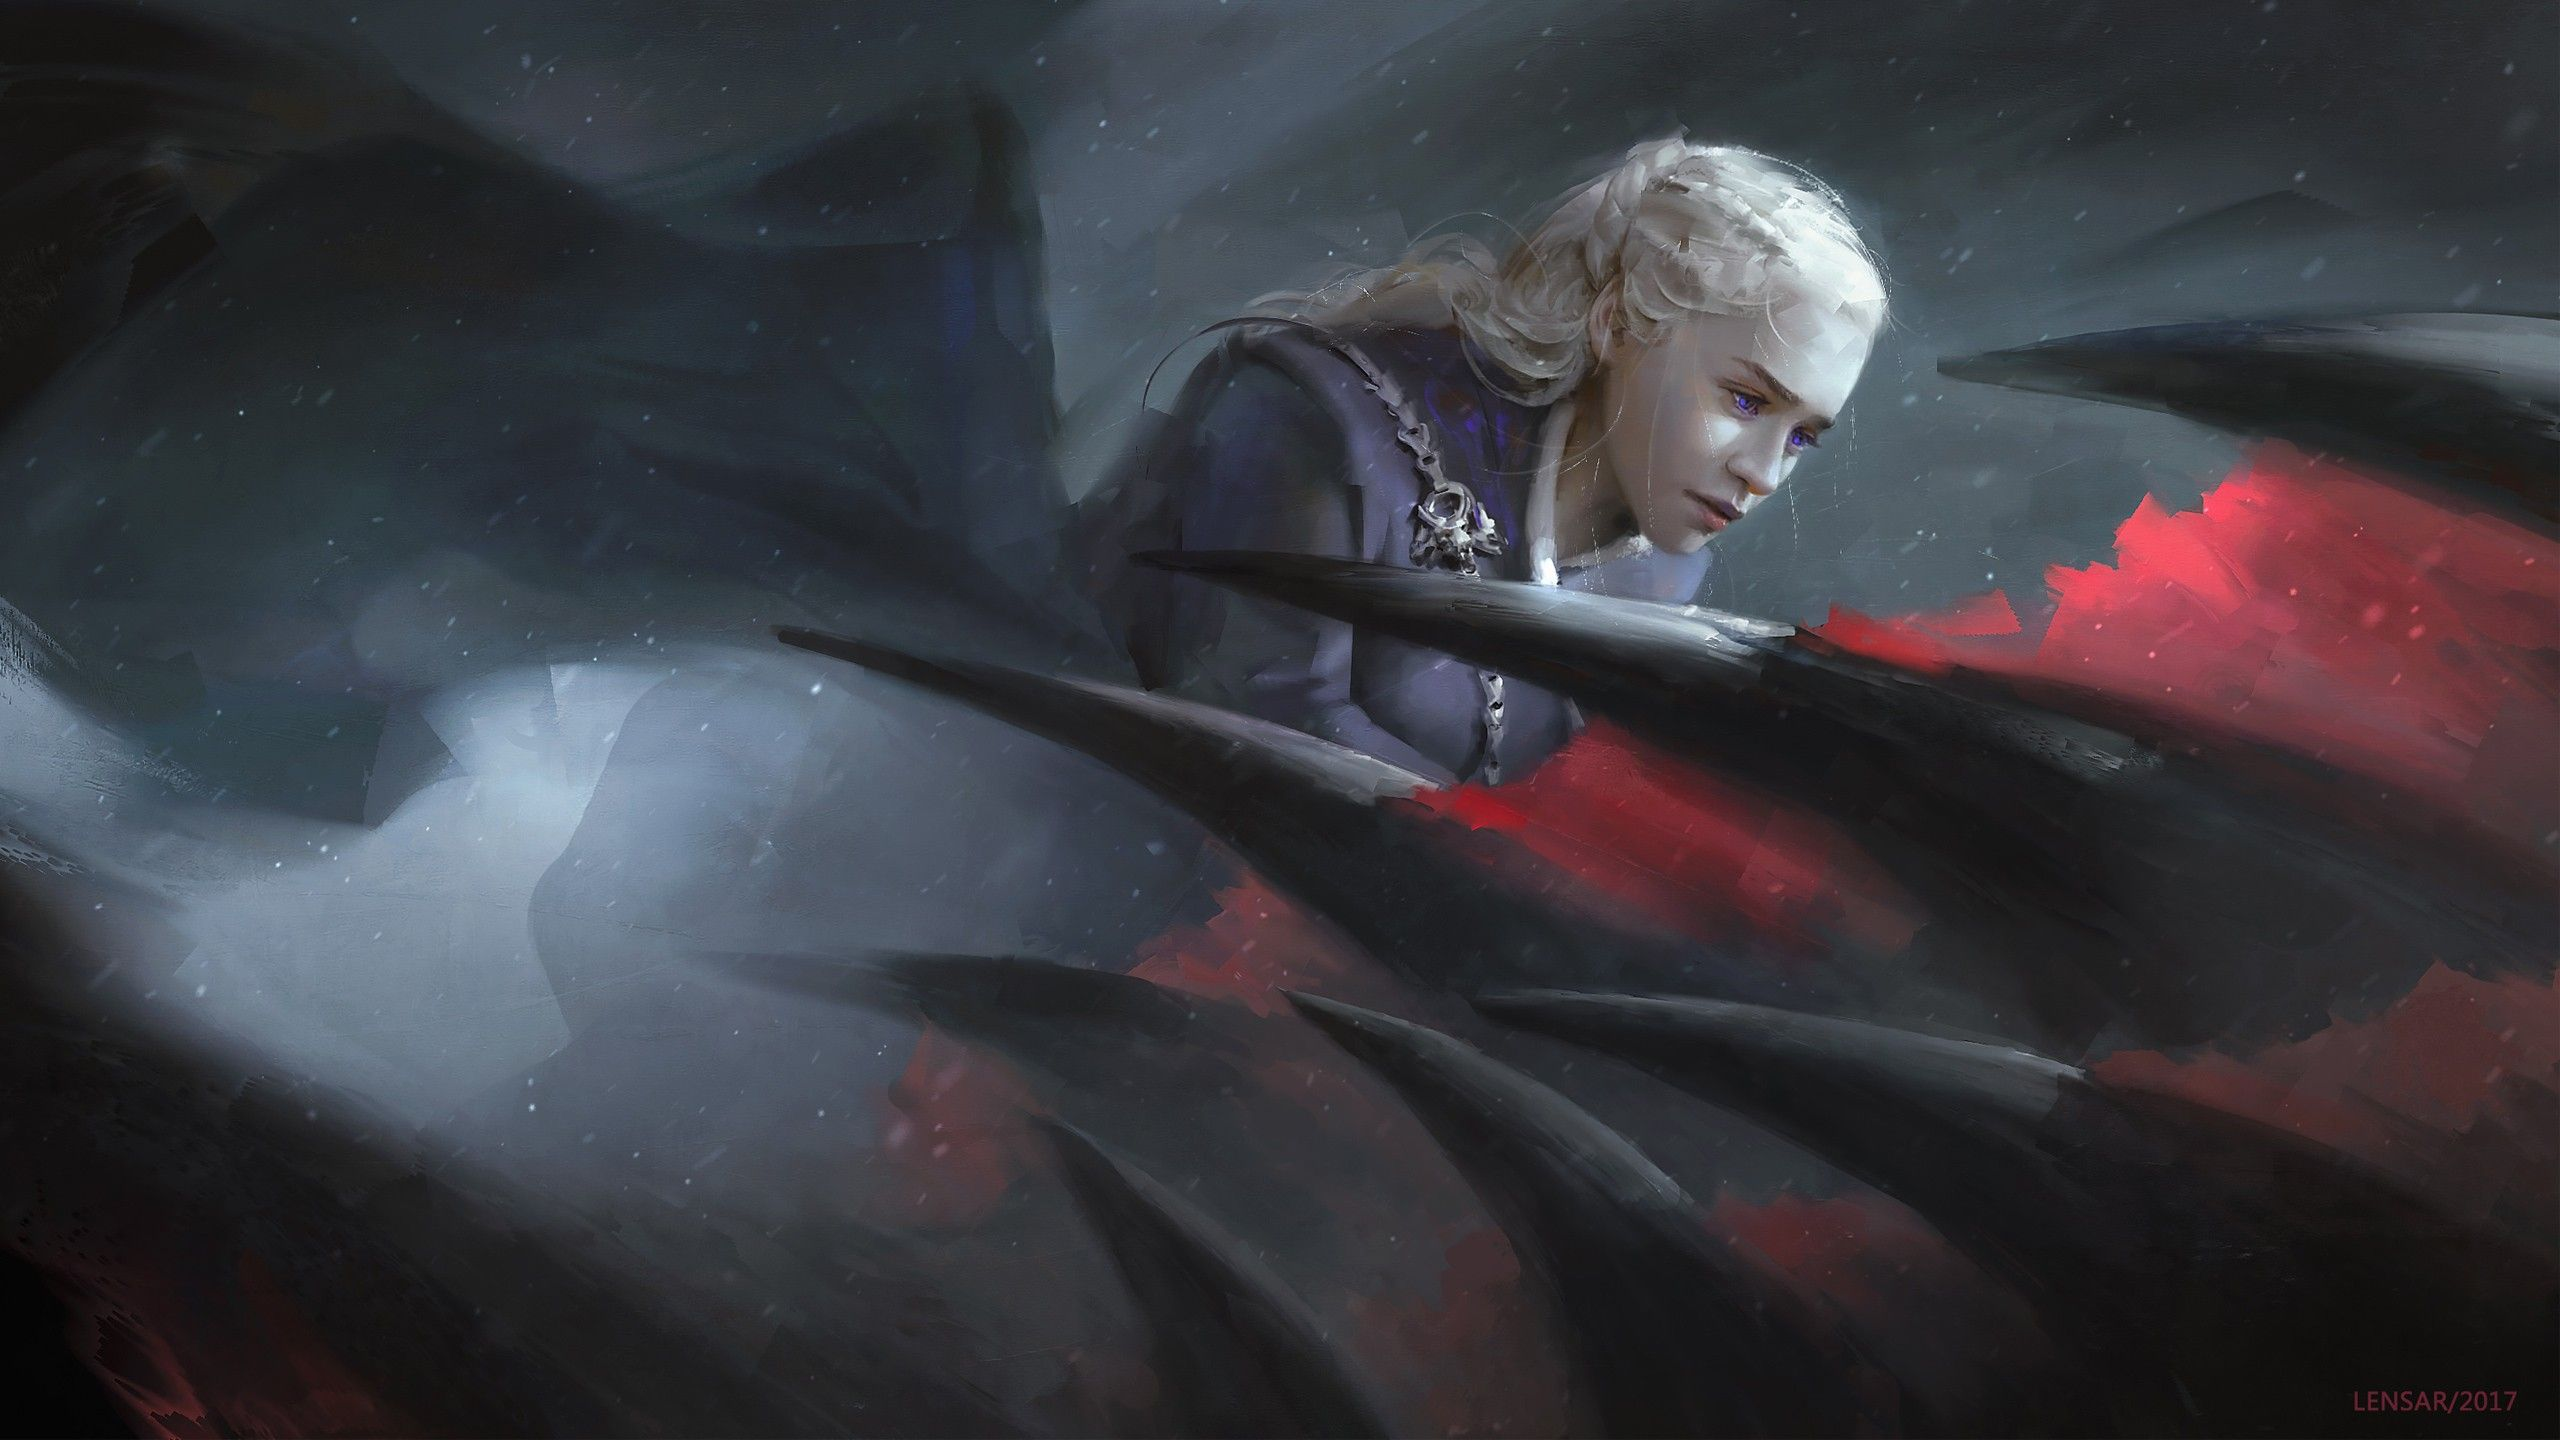 Daenerys Targaryen Riding Dragon 4k Got 4k Daenerys Dragon Got Riding Targaryen Daenerys T Daenerys Targaryen Art Targaryen Art Game Of Thrones Dragons